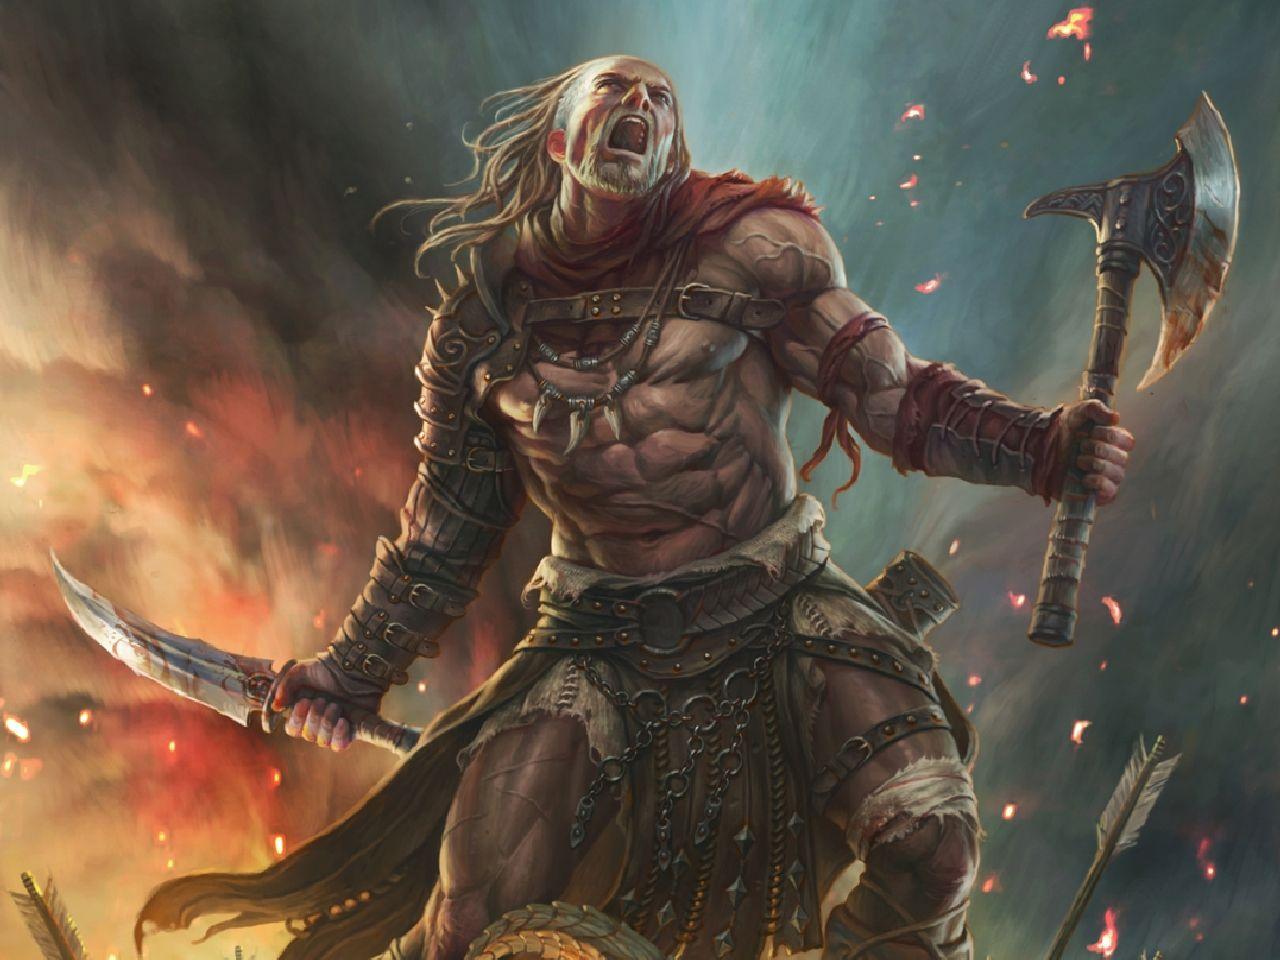 Celtic Warrior Art Alpha Coders Wallpaper Abyss Fantasy Warrior 339910 Fantasy Warrior Fantasy Characters Concept Art Characters